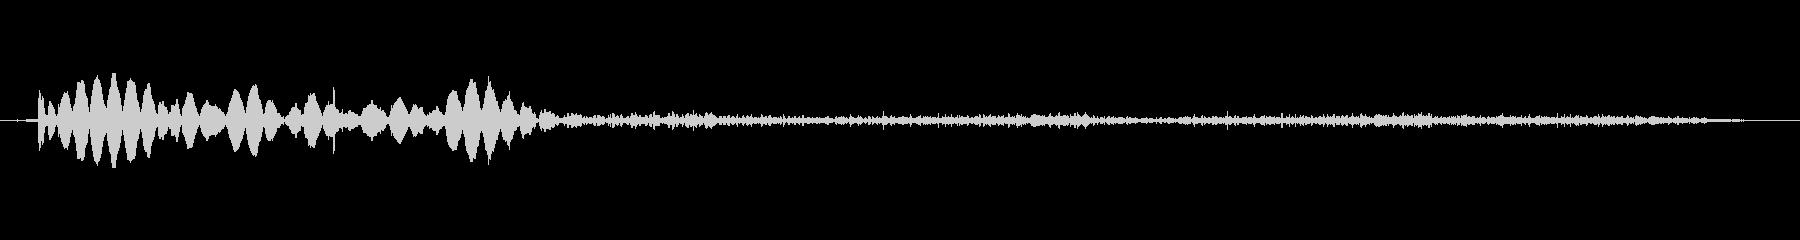 レコードに着陸するビニールレコードの針の未再生の波形